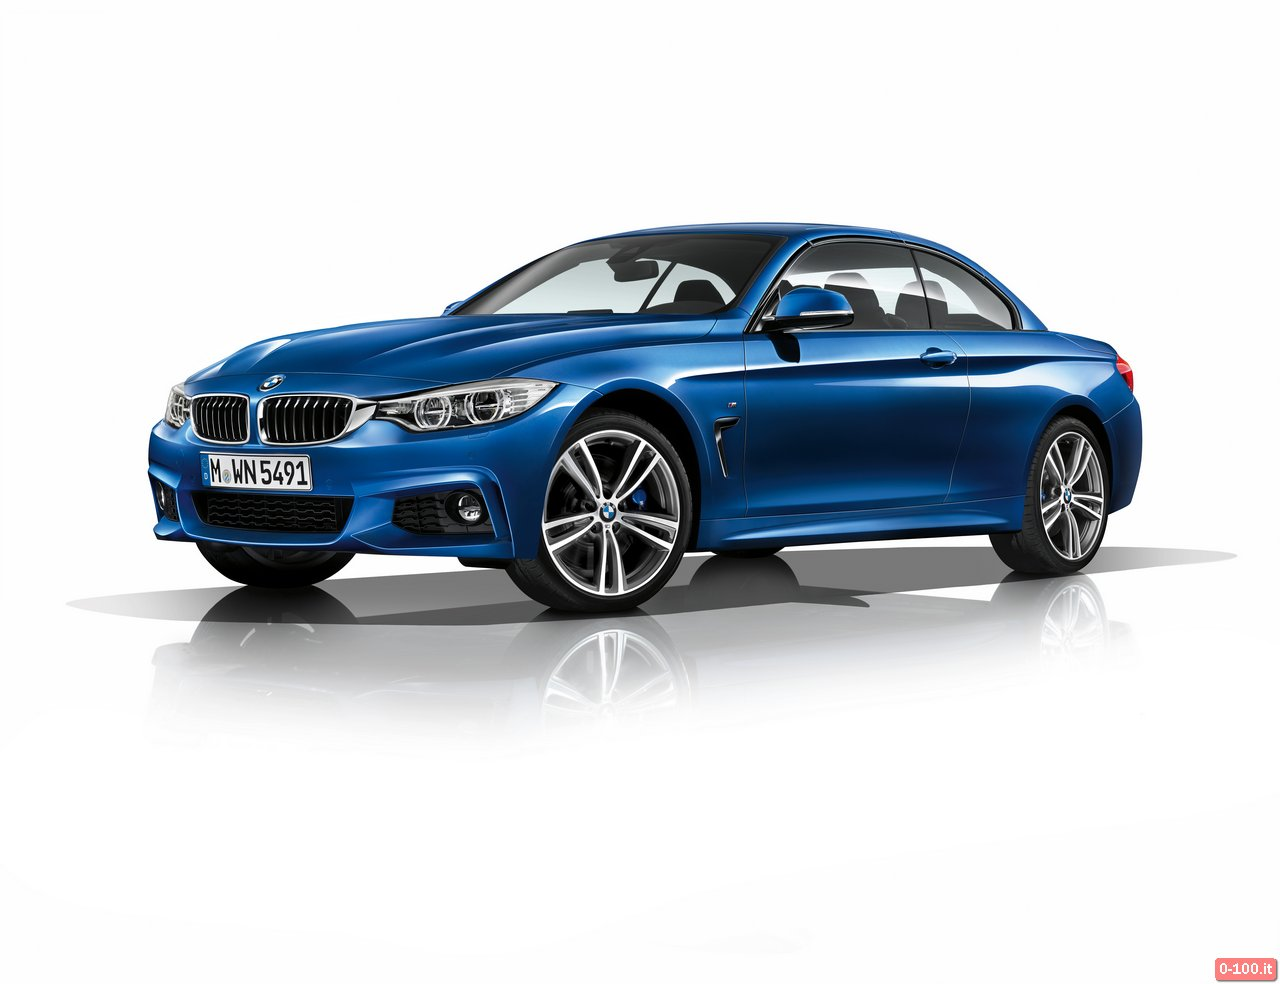 BMW-serie-4-cabrio-420d-428i-435i-cabrio_99